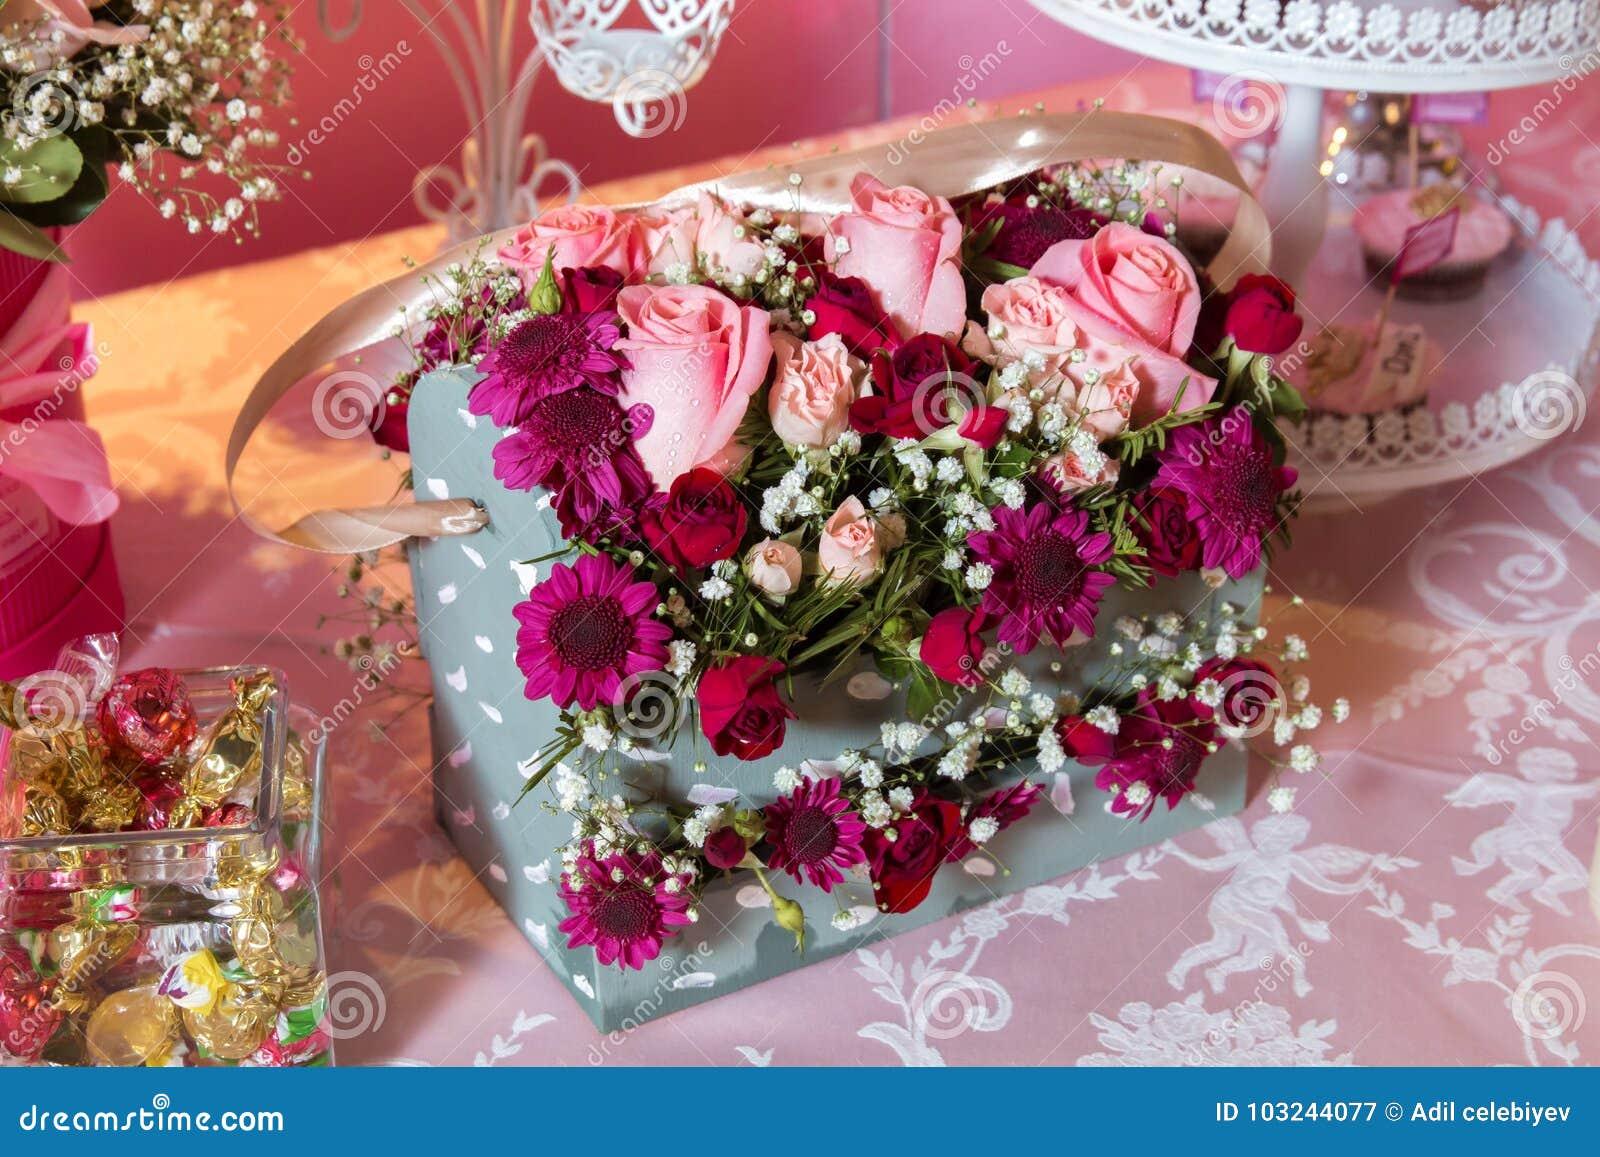 Boite Cadeau Avec Les Roses Colorees Bouquet Quadrangulaire De Fleur